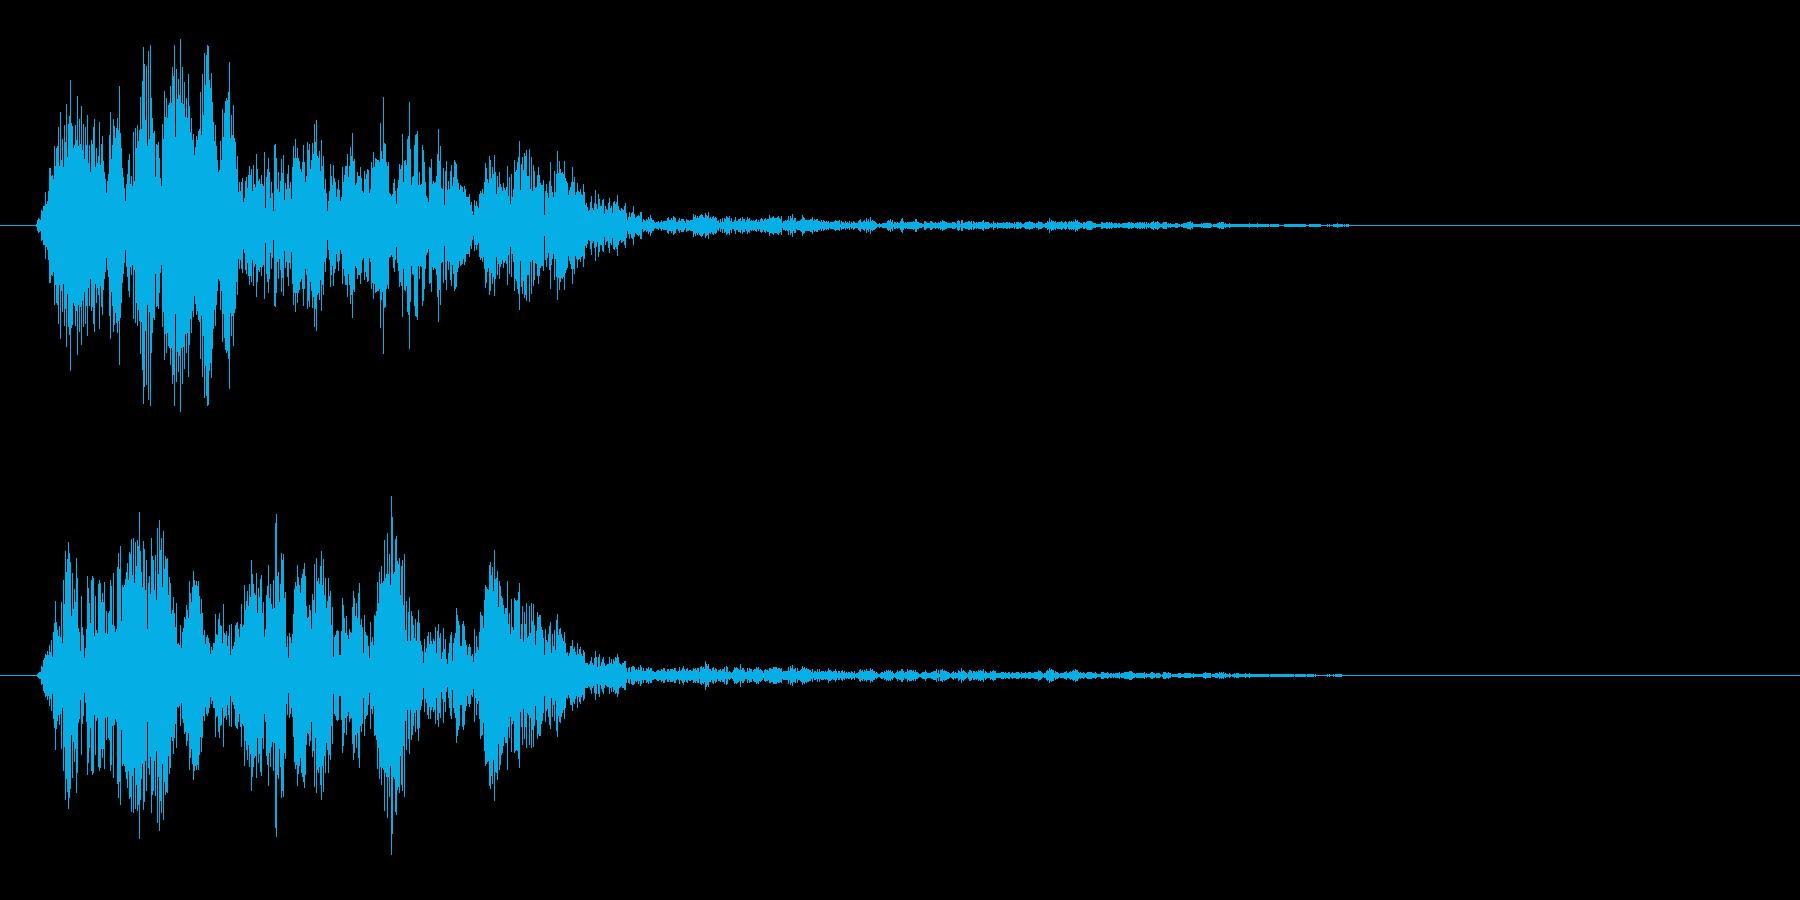 クワッ(一瞬の甲高い鳴き声音)の再生済みの波形